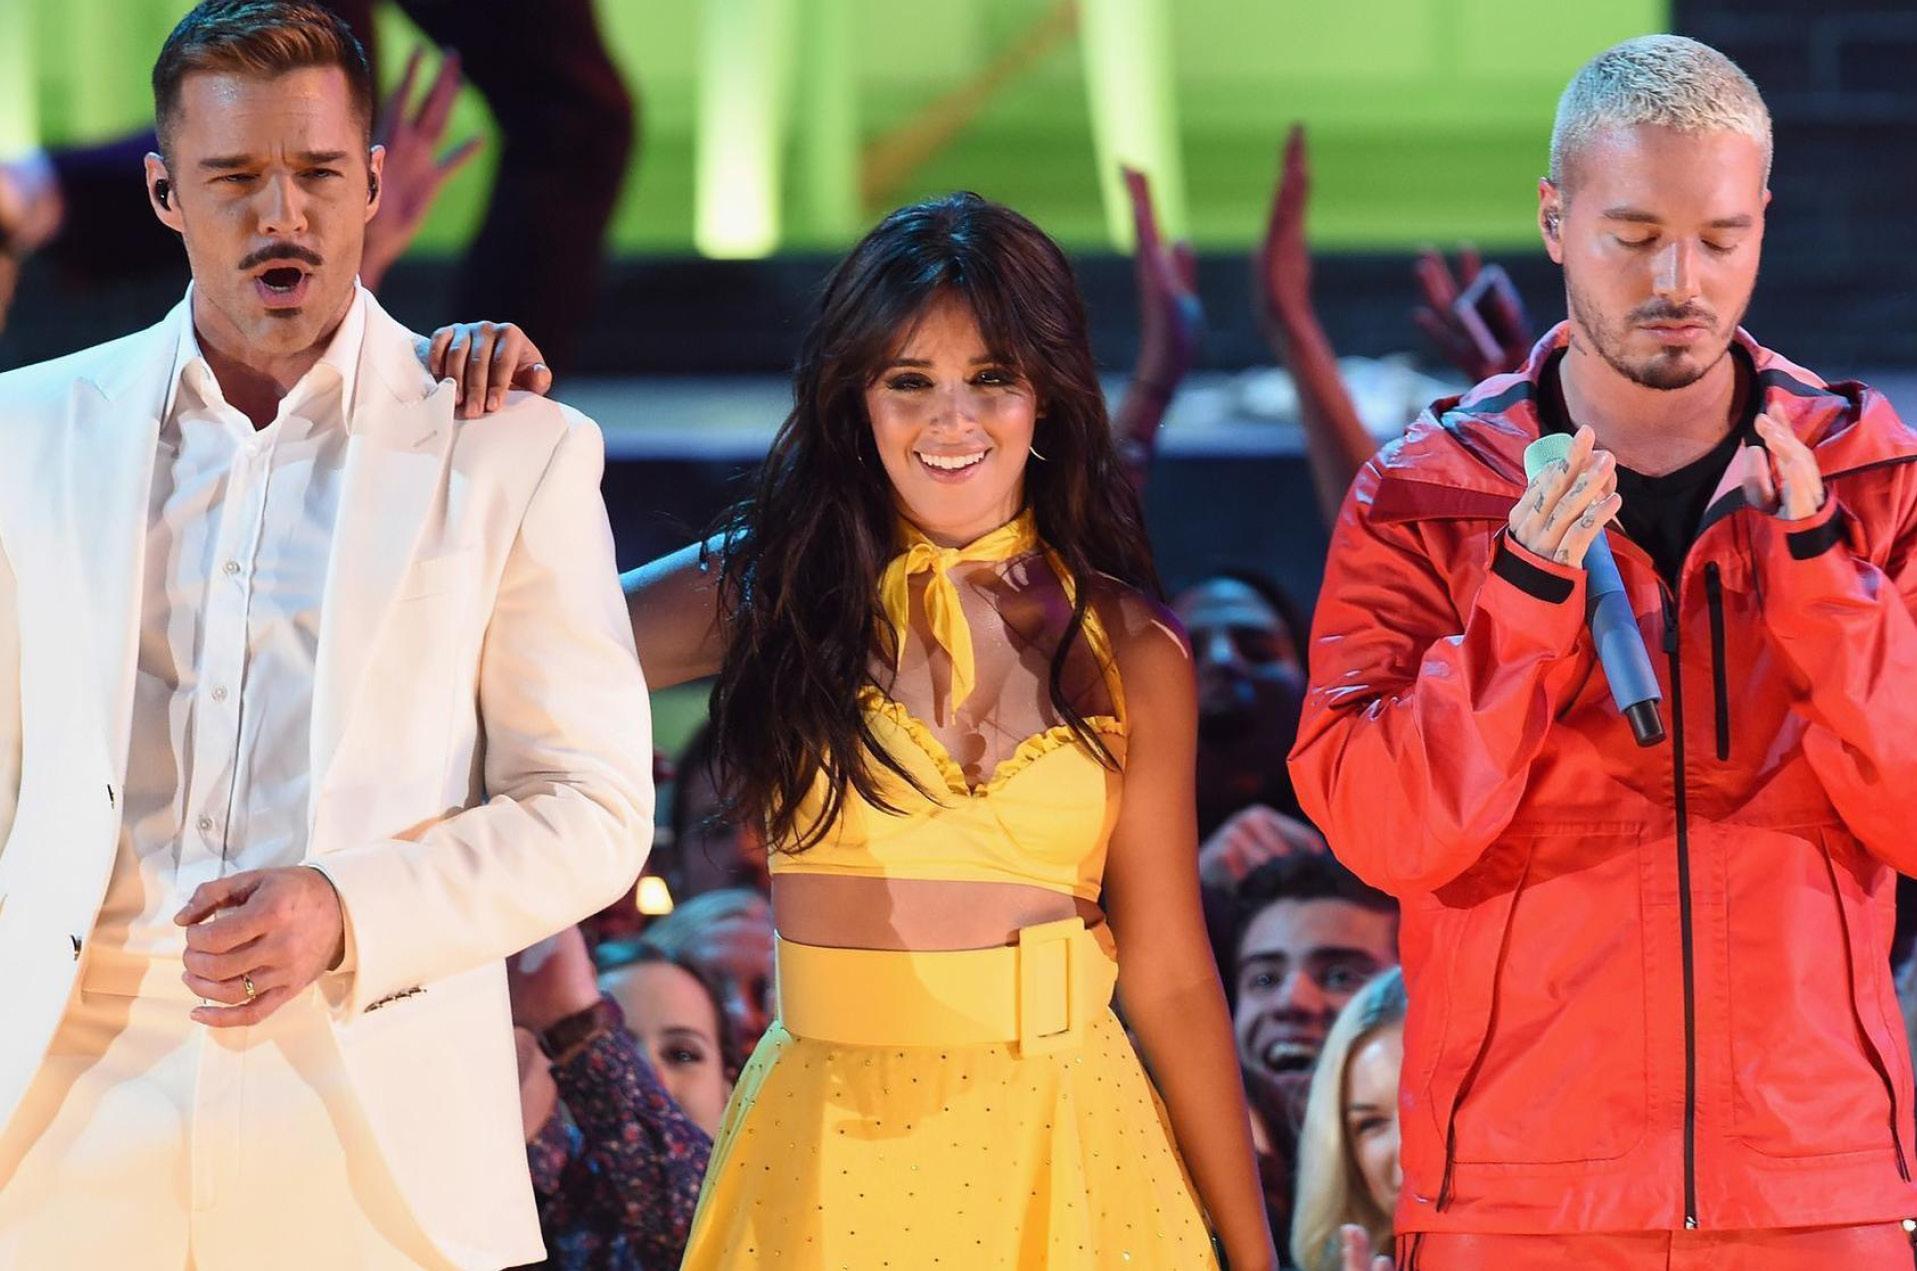 Ricky Martin, Camila Cabello, y J Balvin durante su actuación al inicio de la edición 61 de los Grammy, en el Staples Center de Los Angeles, el pasado 10 de febrero.